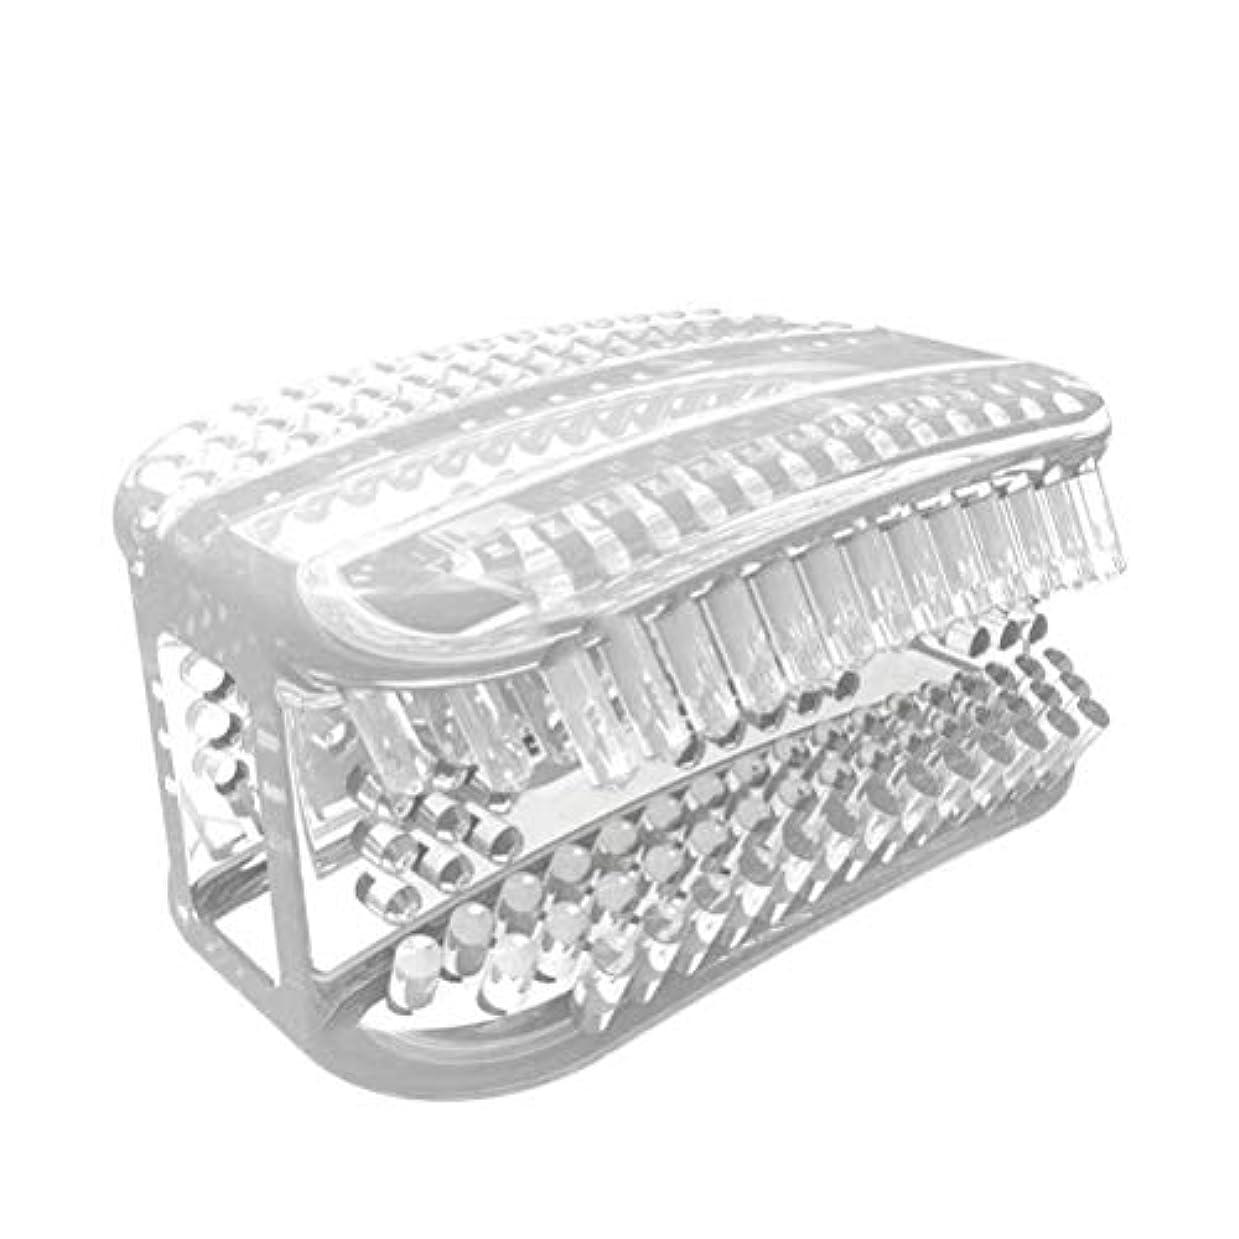 何ジョットディボンドン測定可能Healifty 携帯用咀嚼歯ブラシ360度怠惰な歯ブラシ手動歯ブラシ